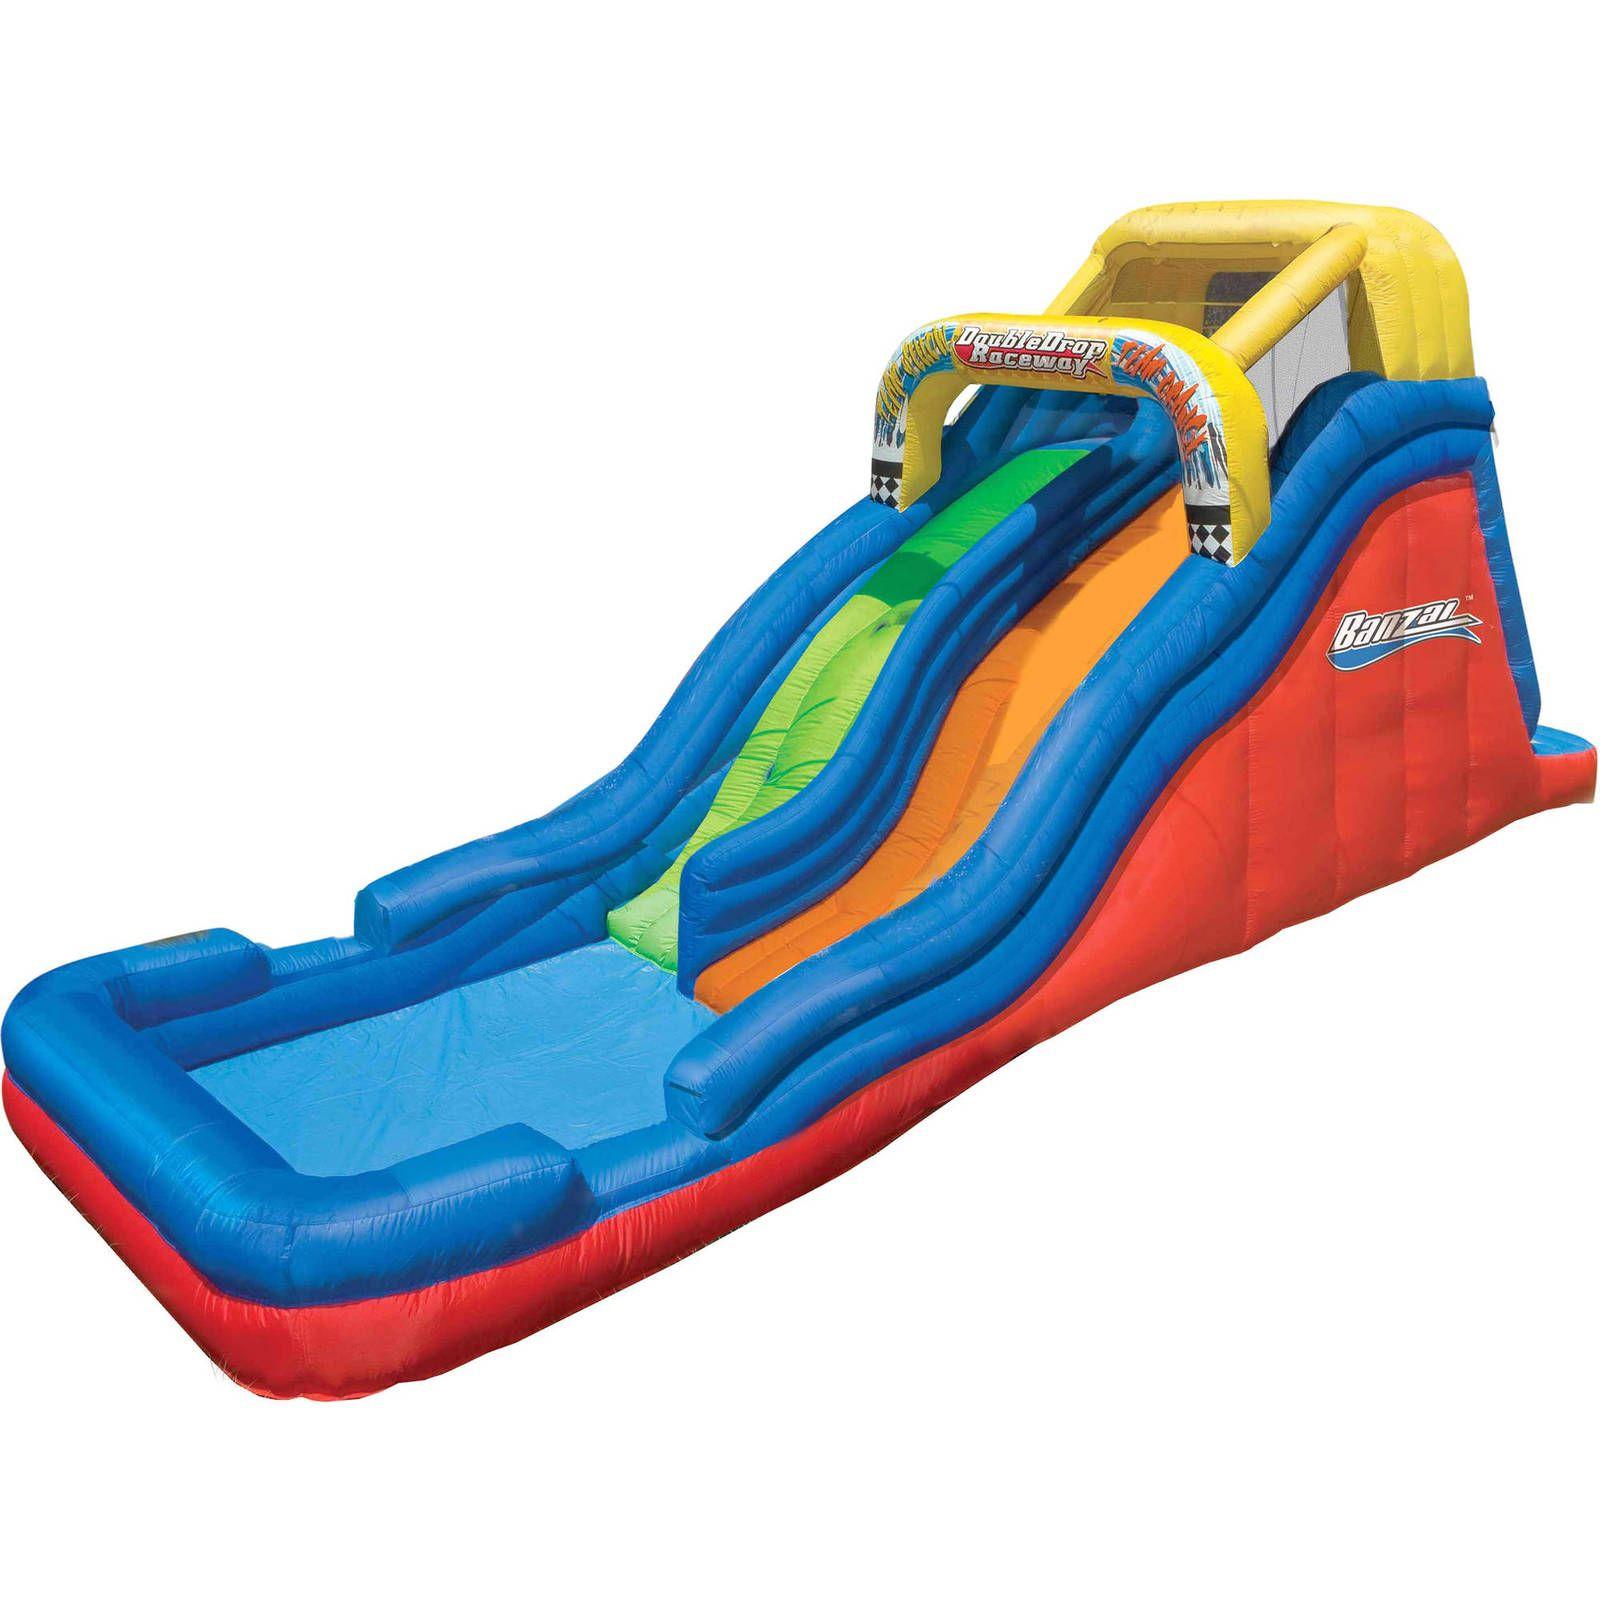 Inflatable Double Water Slide Racing Splash Pool